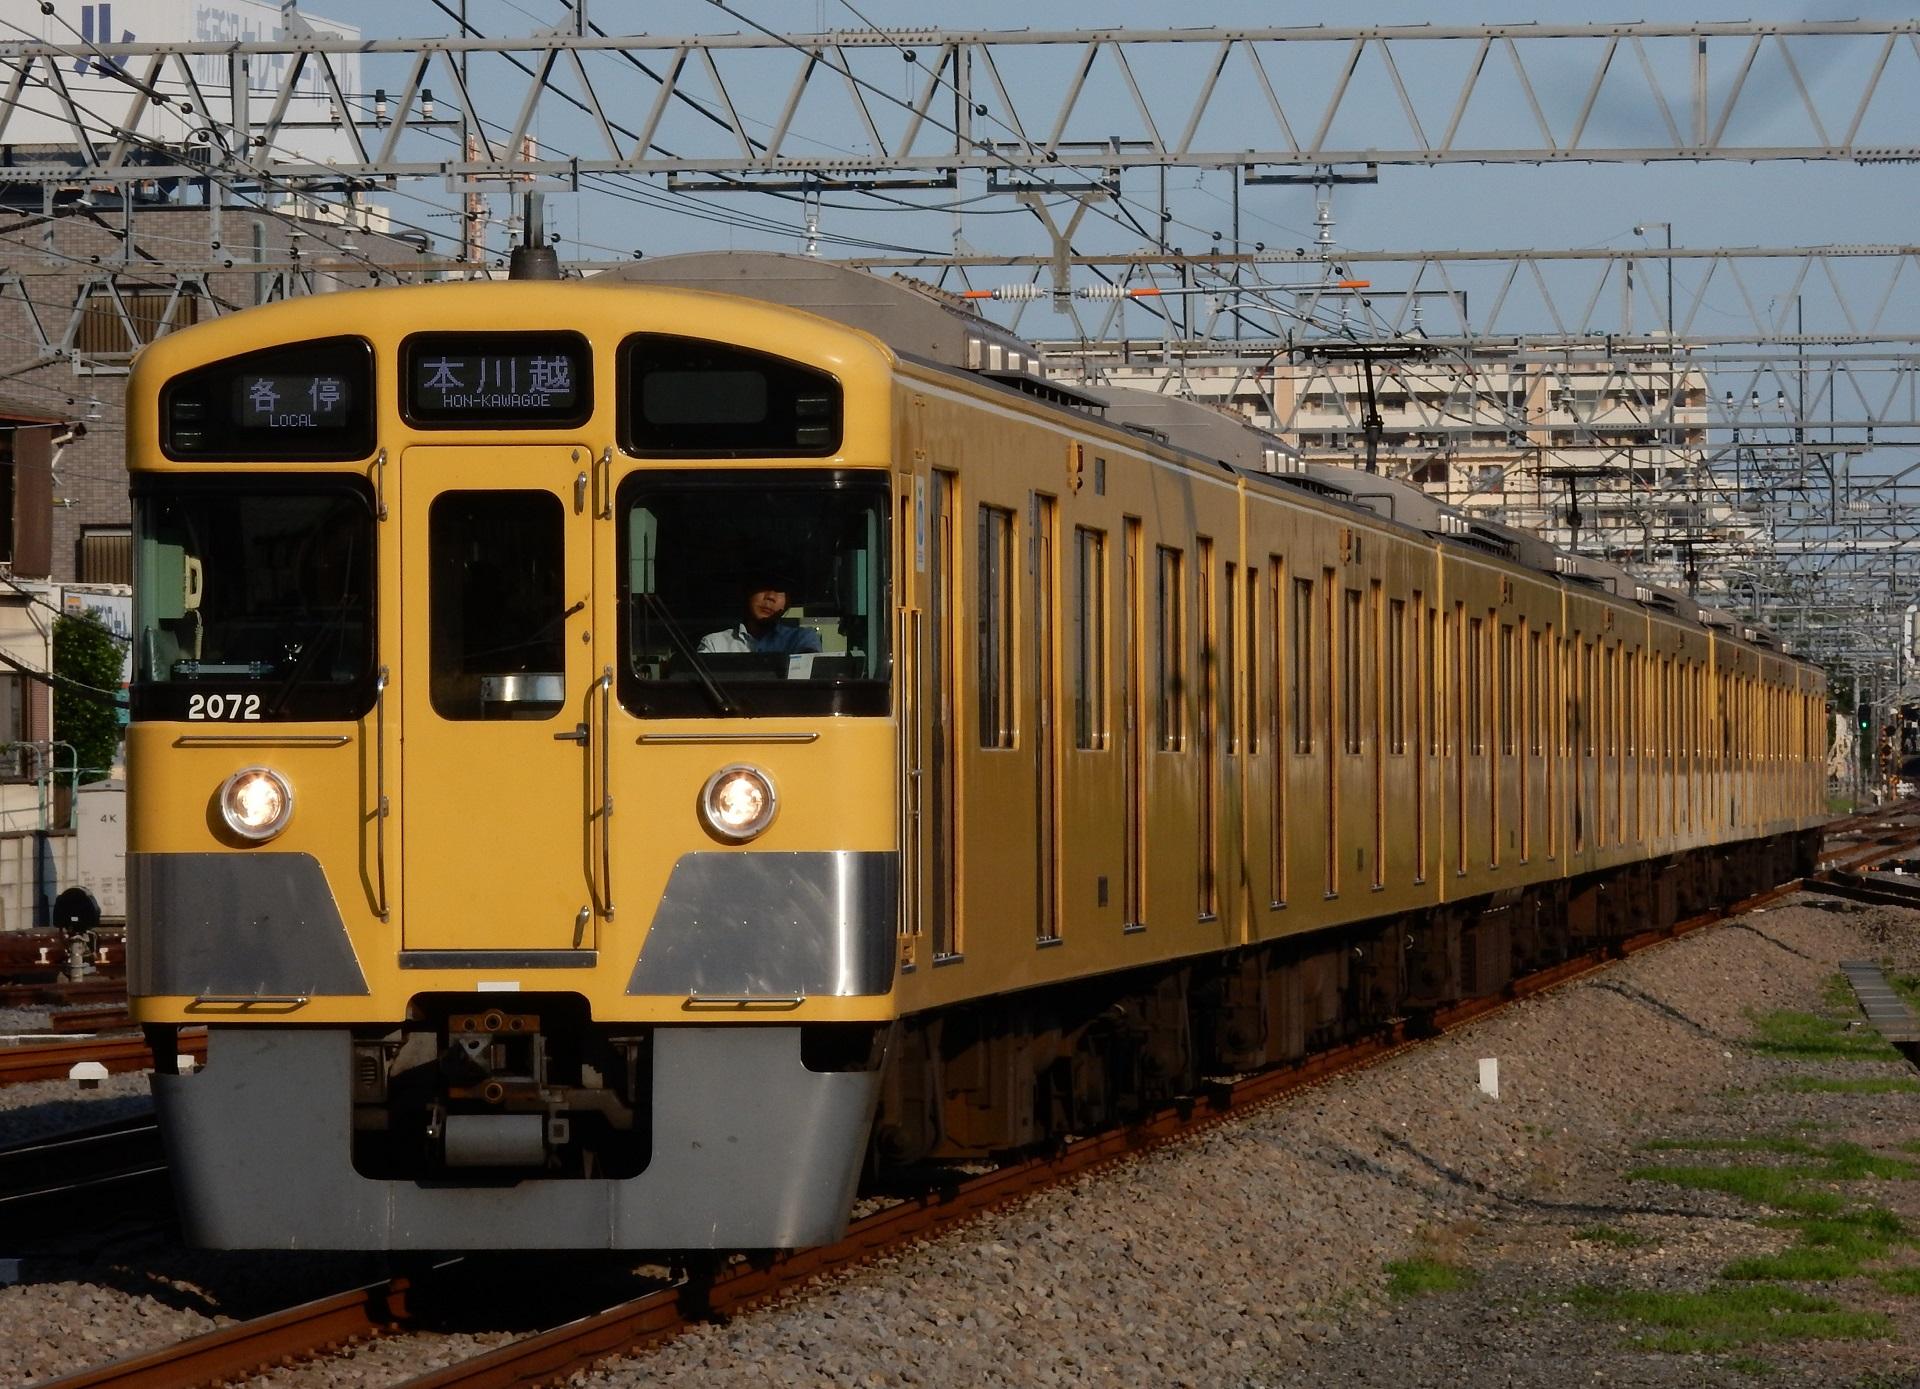 DSCN1279 - コピー